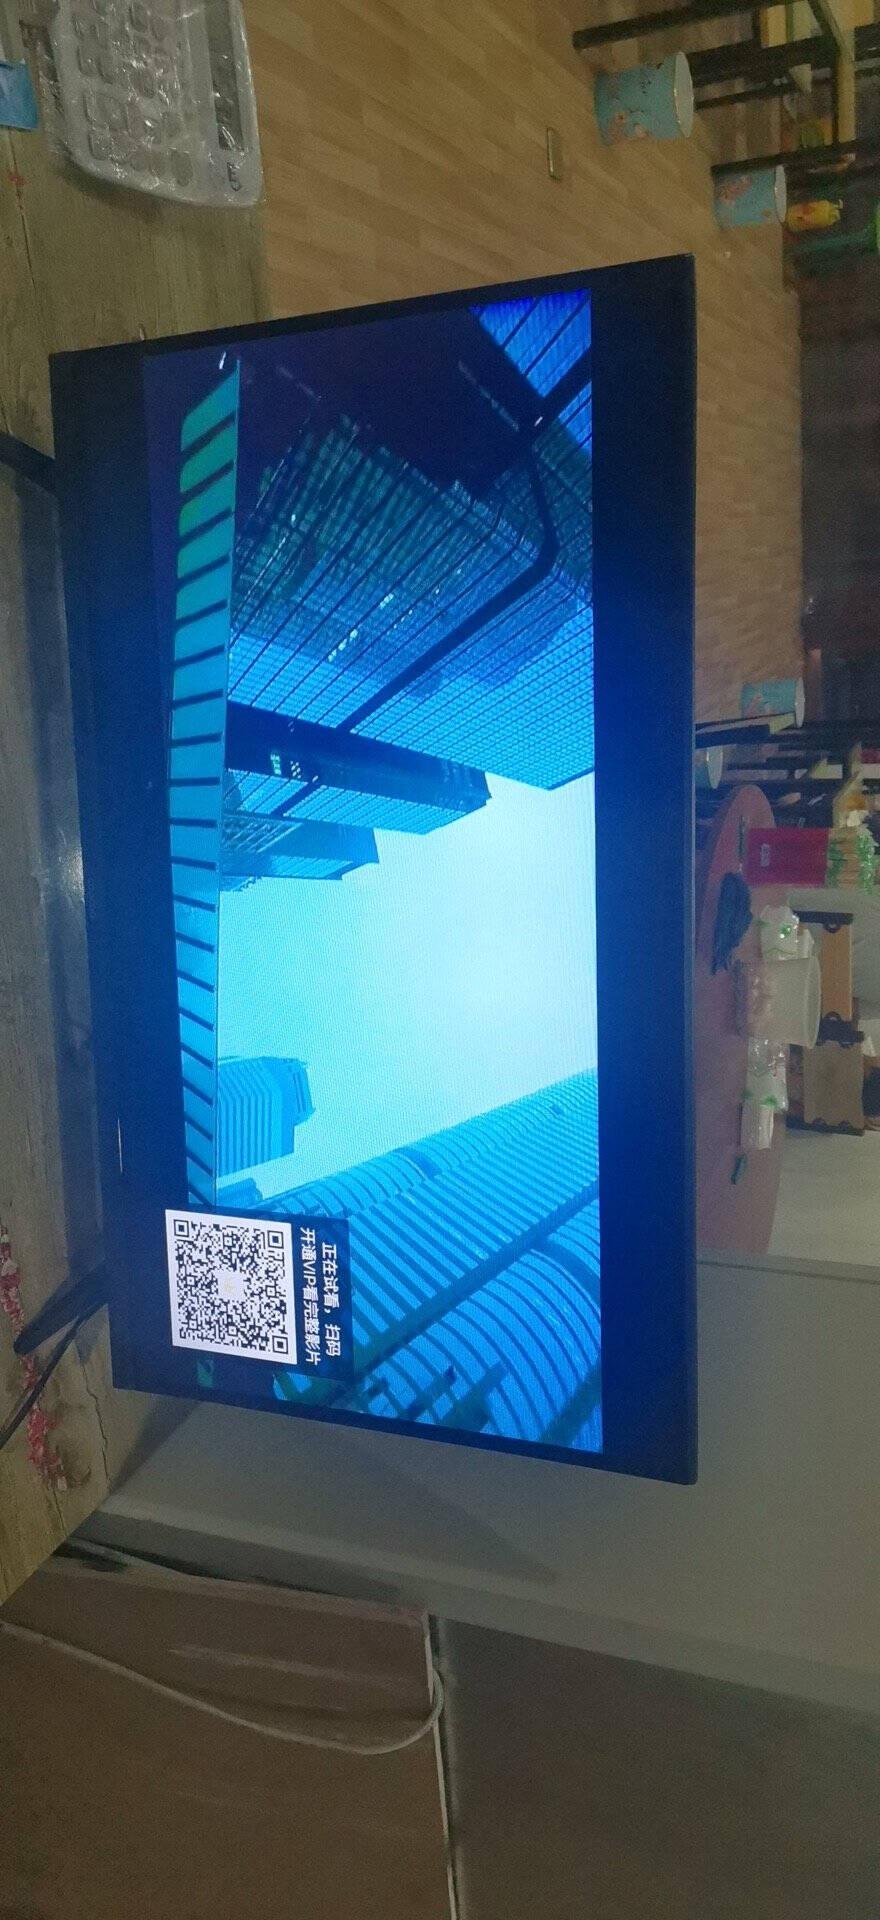 创维酷开智慧屏K5CPro32英寸高清语音遥控光学防蓝光教育爱奇艺投屏mini智慧屏便携电视32K5CPro